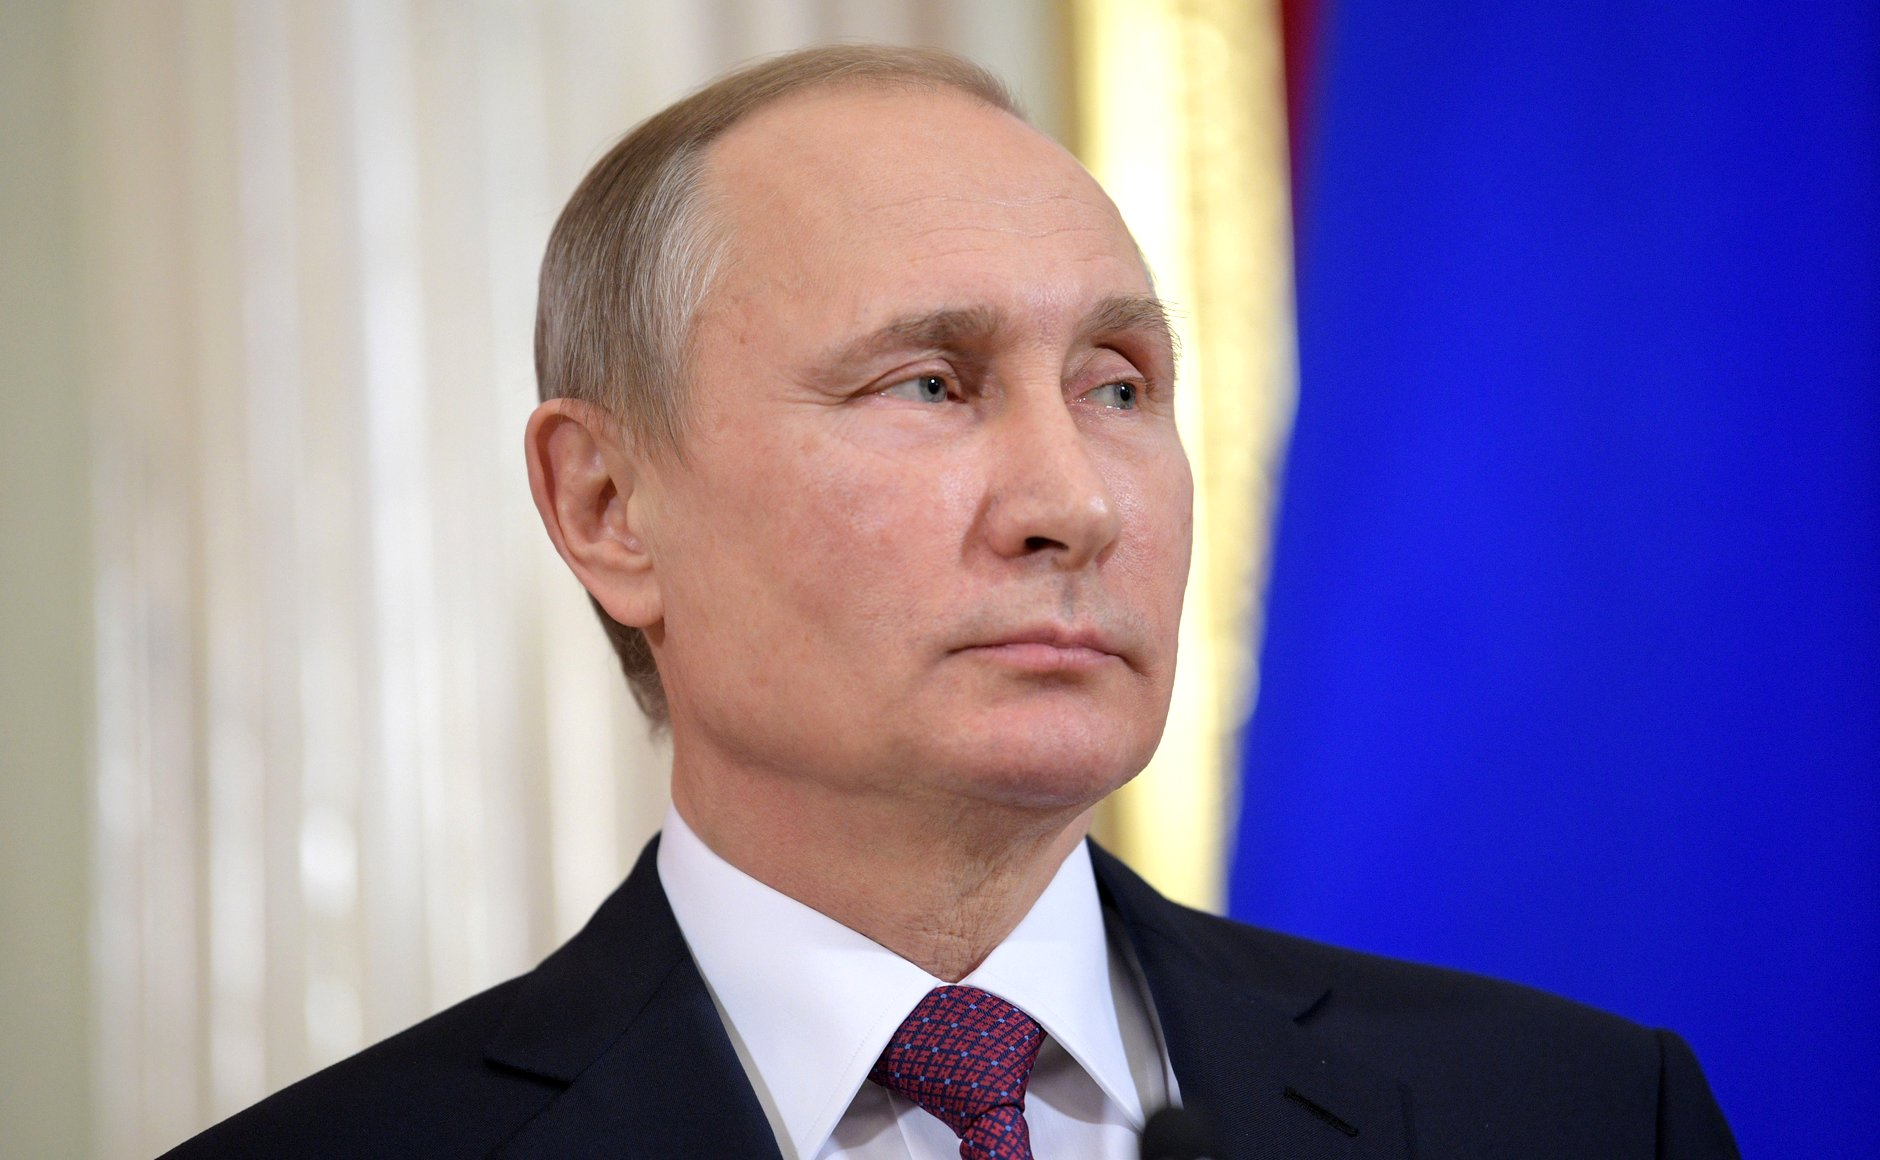 Владимир Путин завтра расскажет о своей позиции по поводу изменений в пенсионной системе